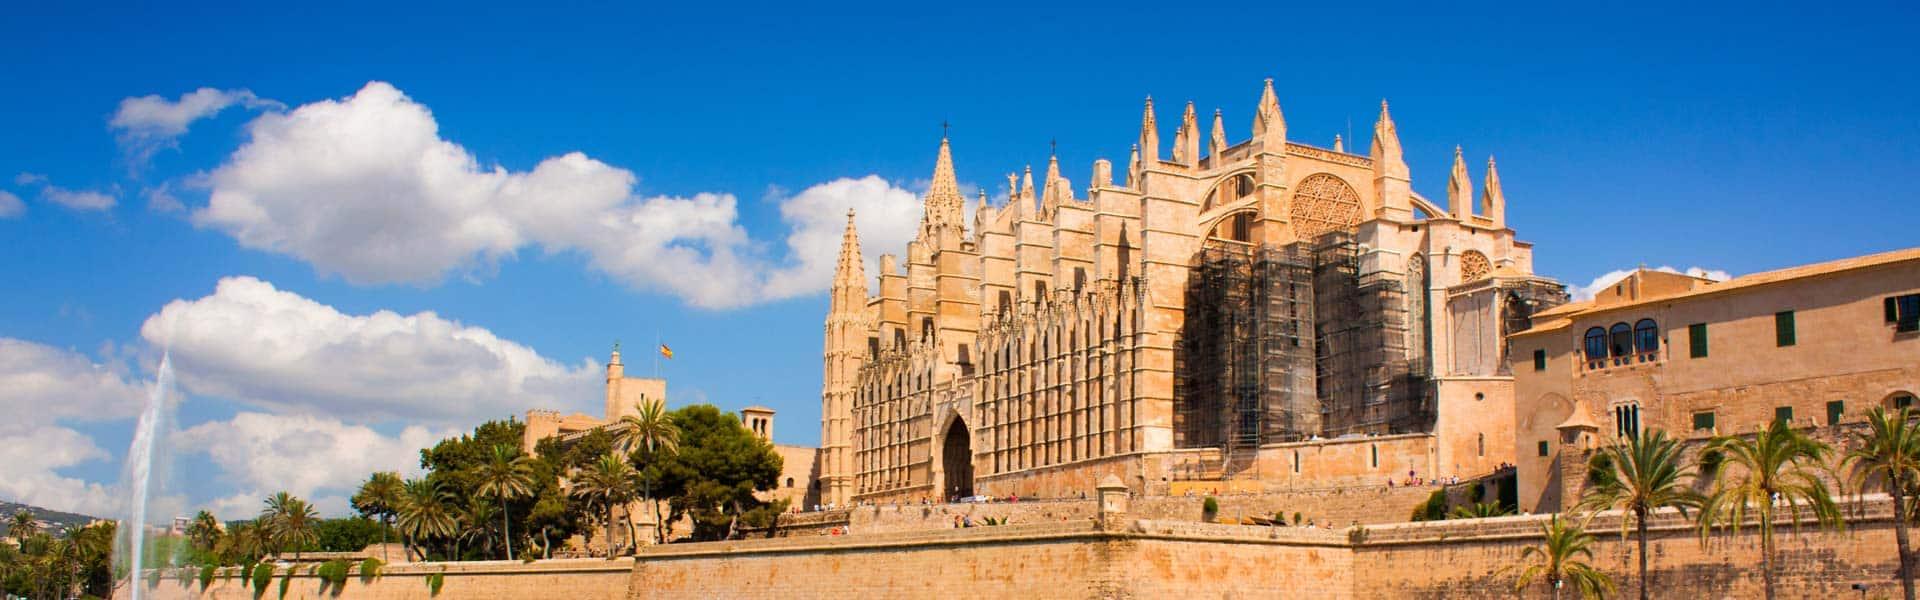 Altehrwürdig und beeindruckend schön: die Kathedrale La Seu in Palma de Mallorca